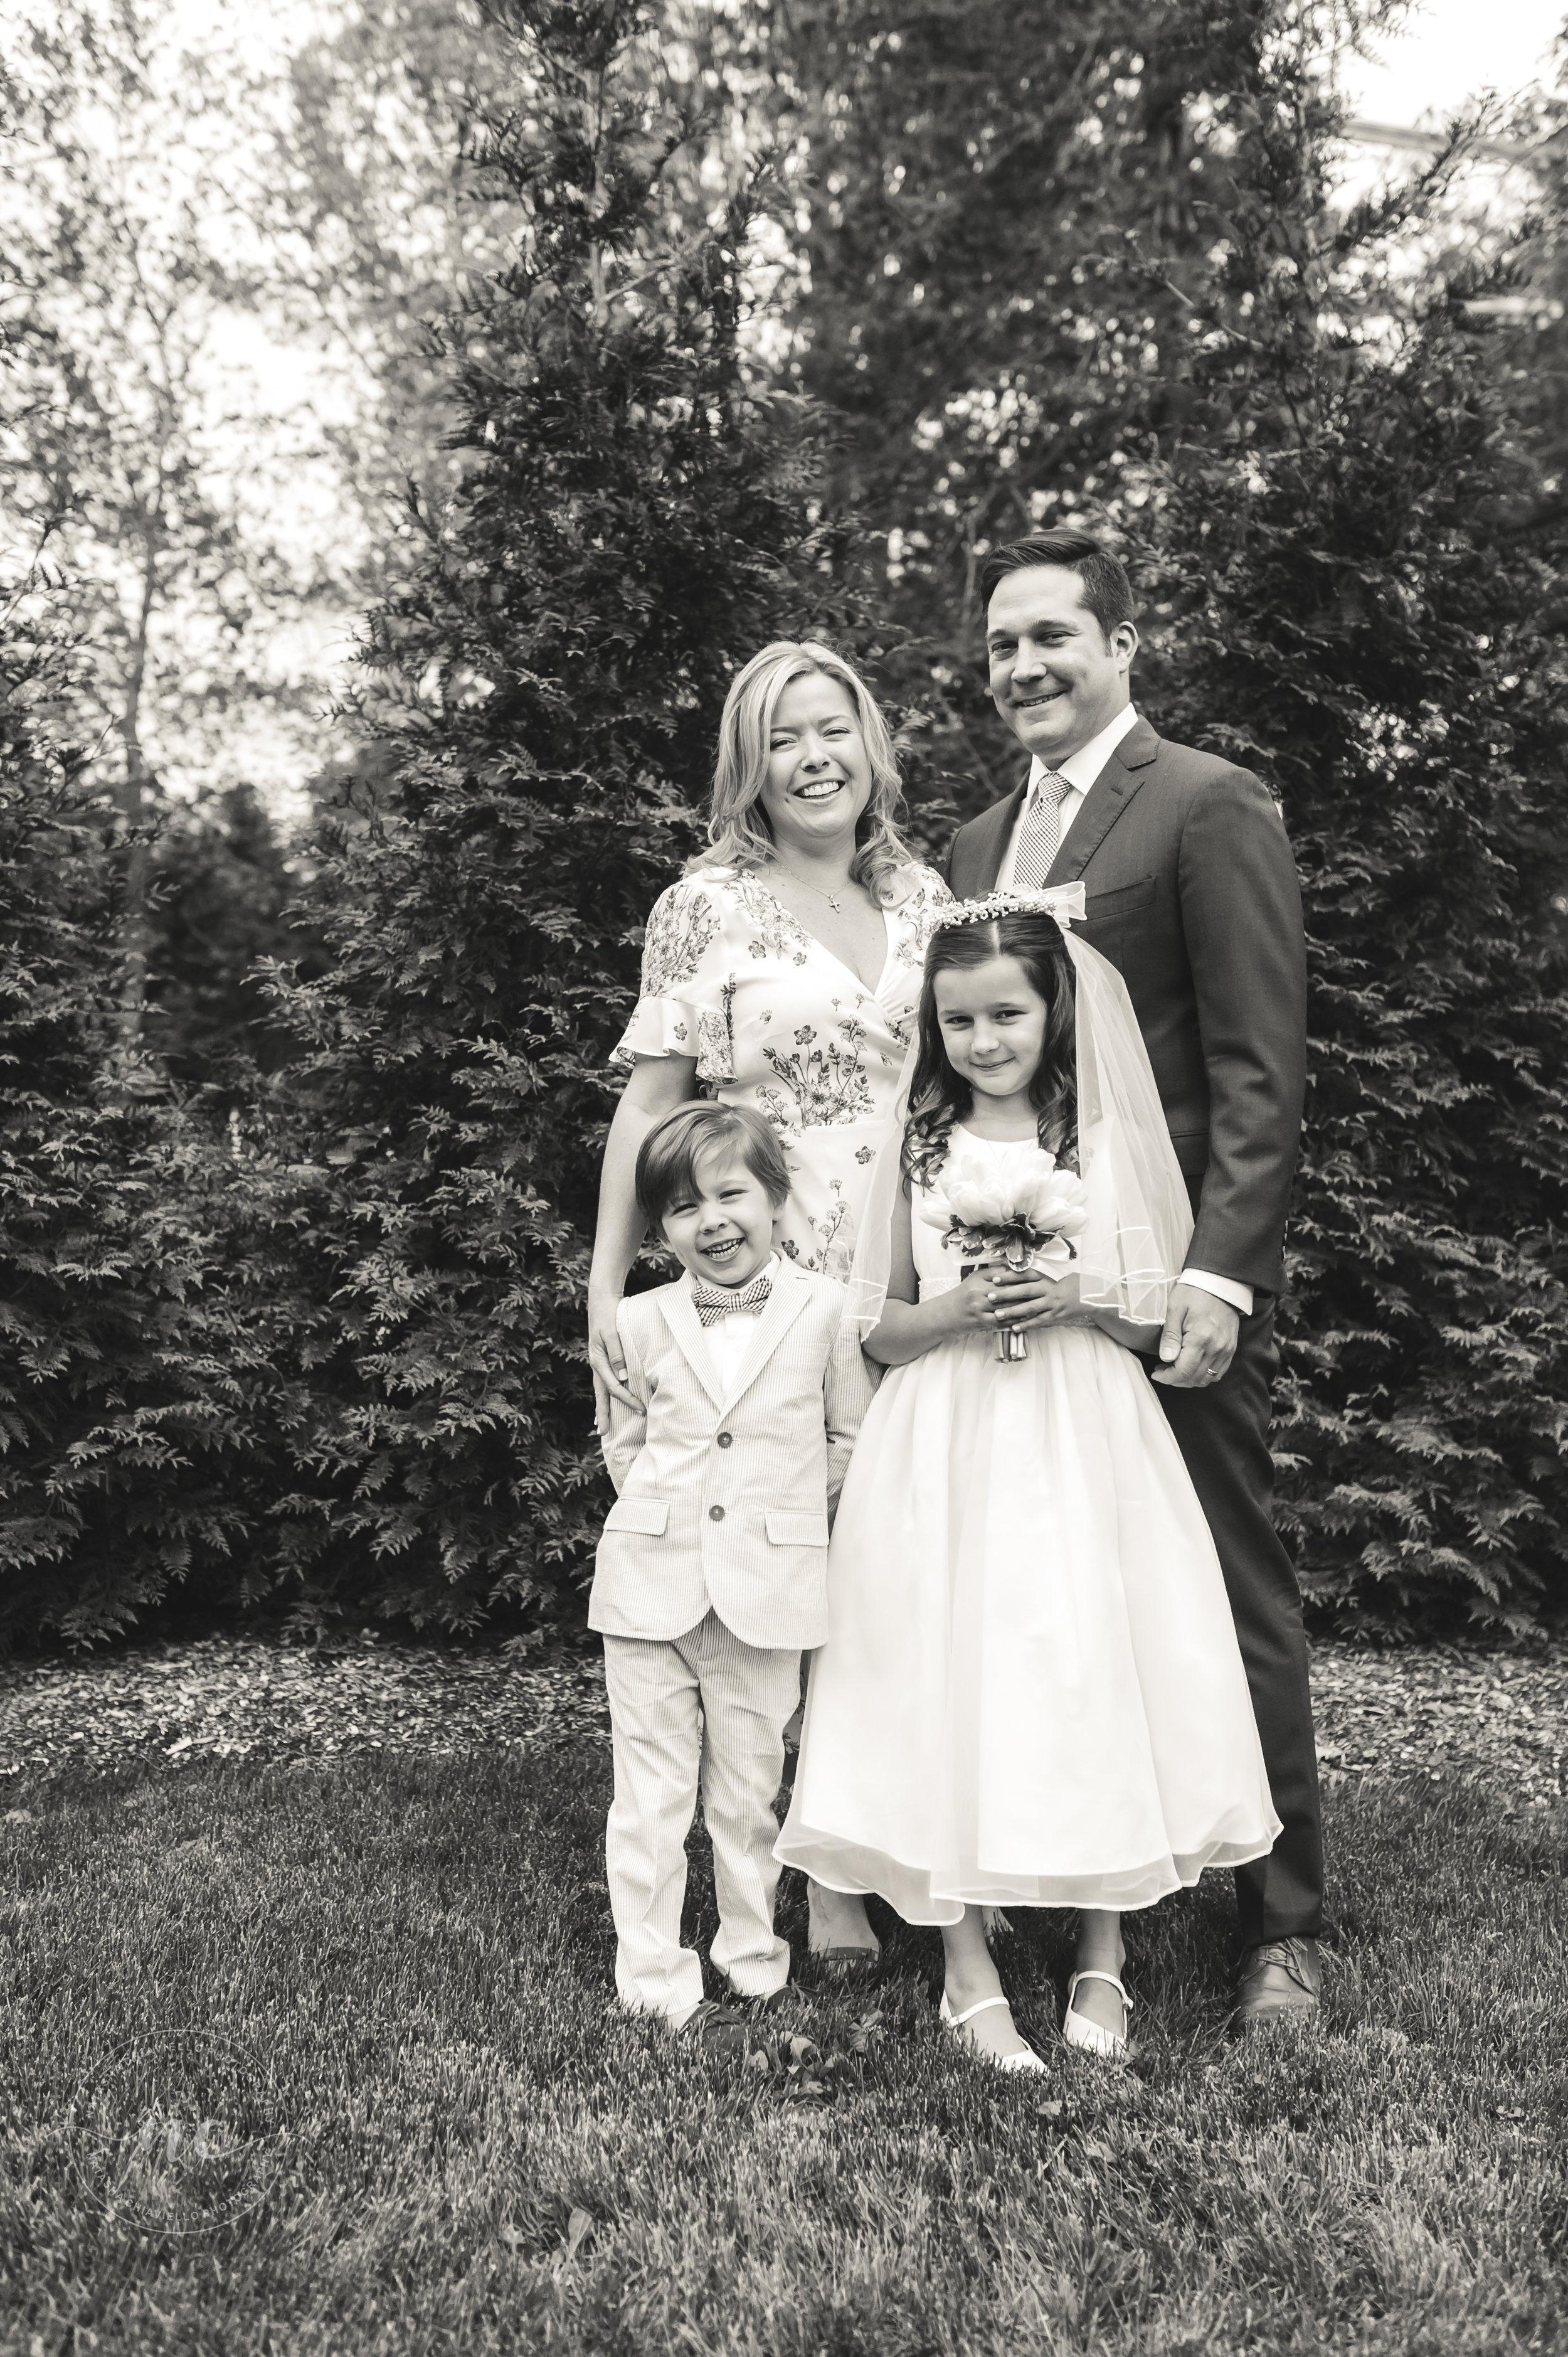 communion family portrait